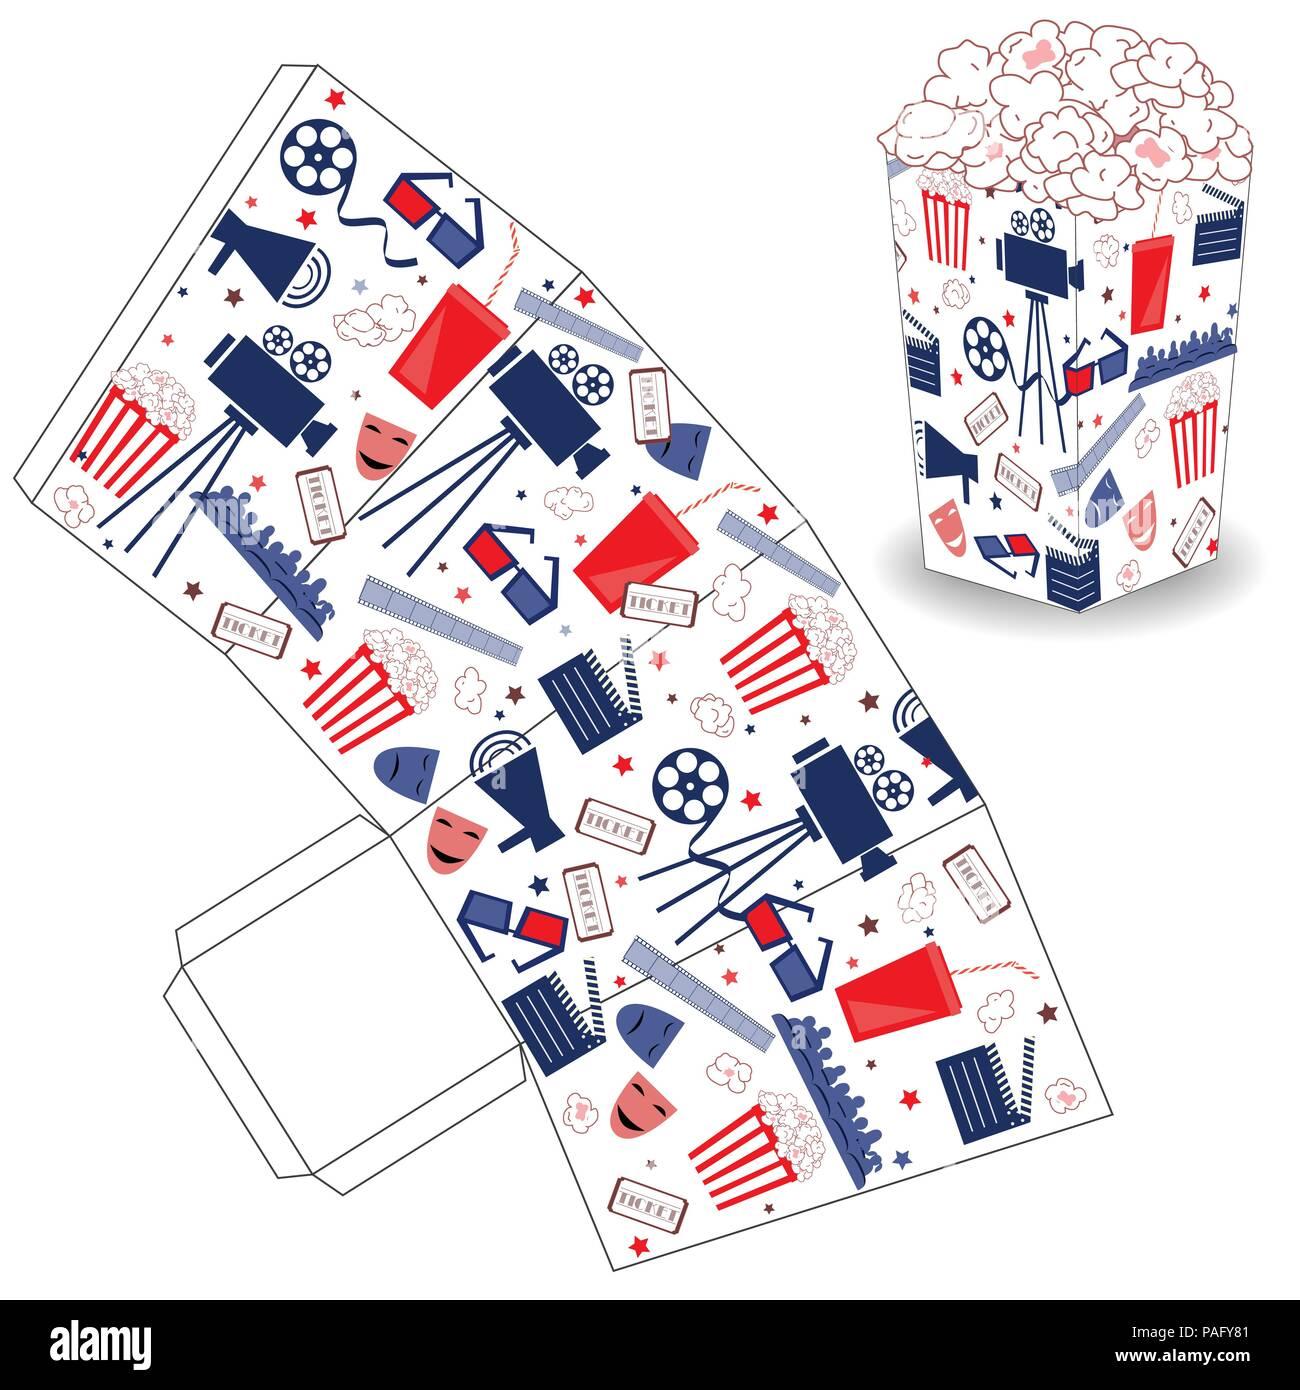 Nettes Popcorn Kino, mit flachen Objekten. Vorlage für Film, Kino ...